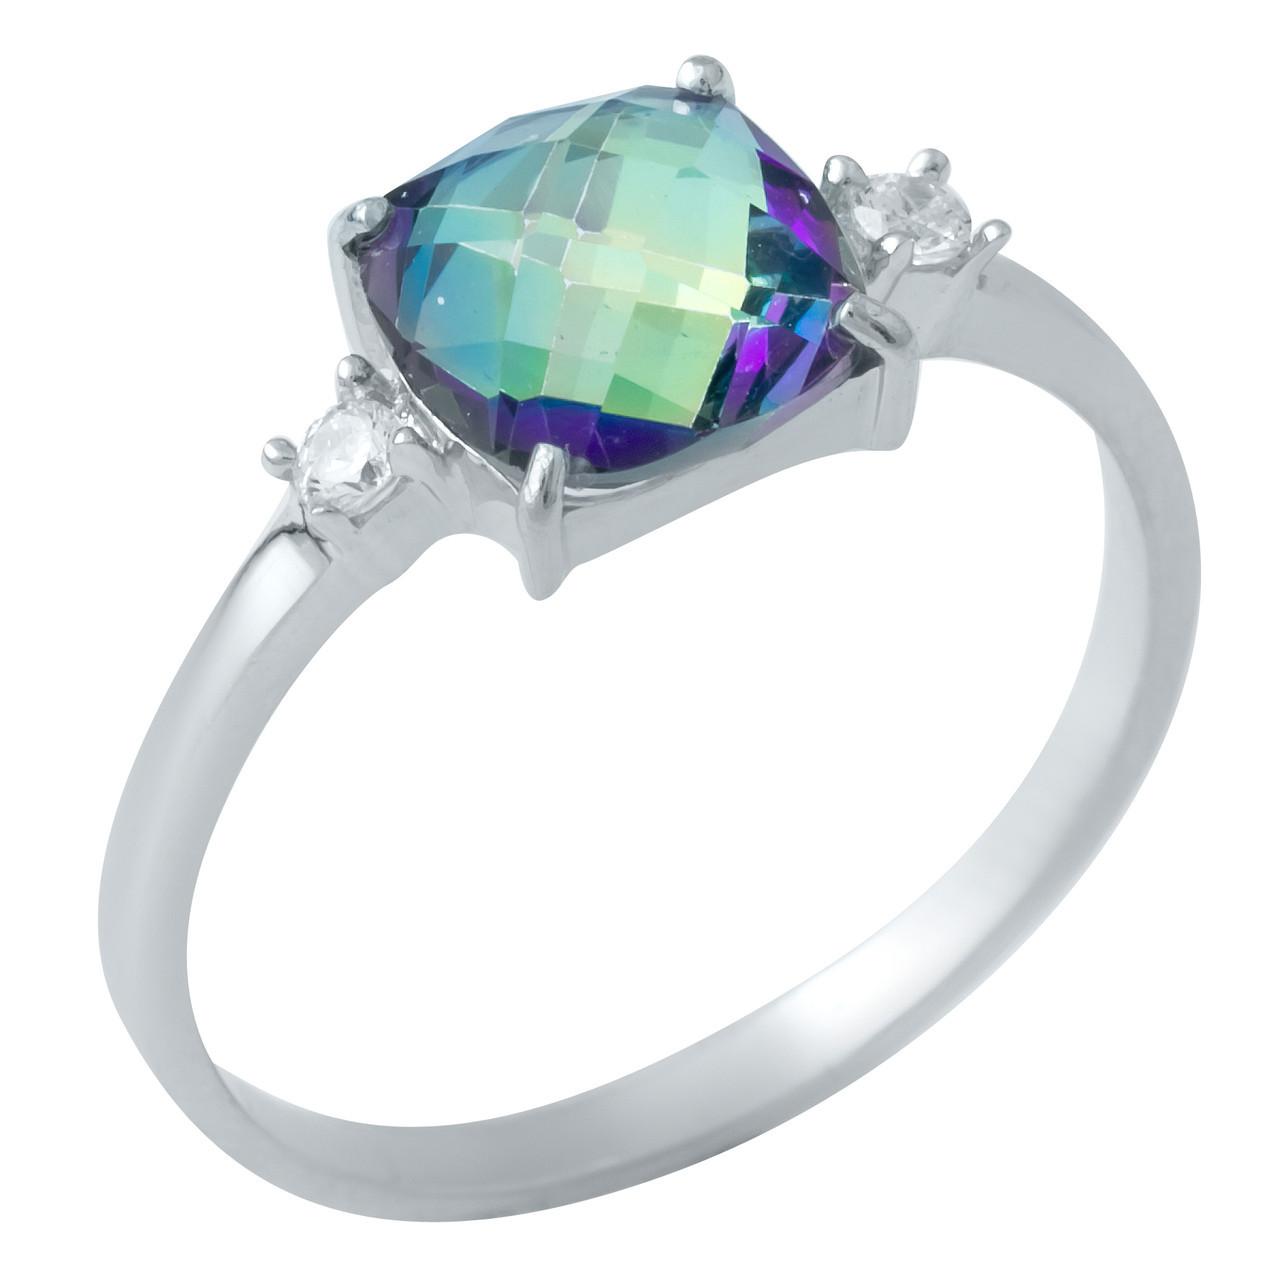 Родированное серебряное кольцо 925 пробы с натуральным мистик топазом